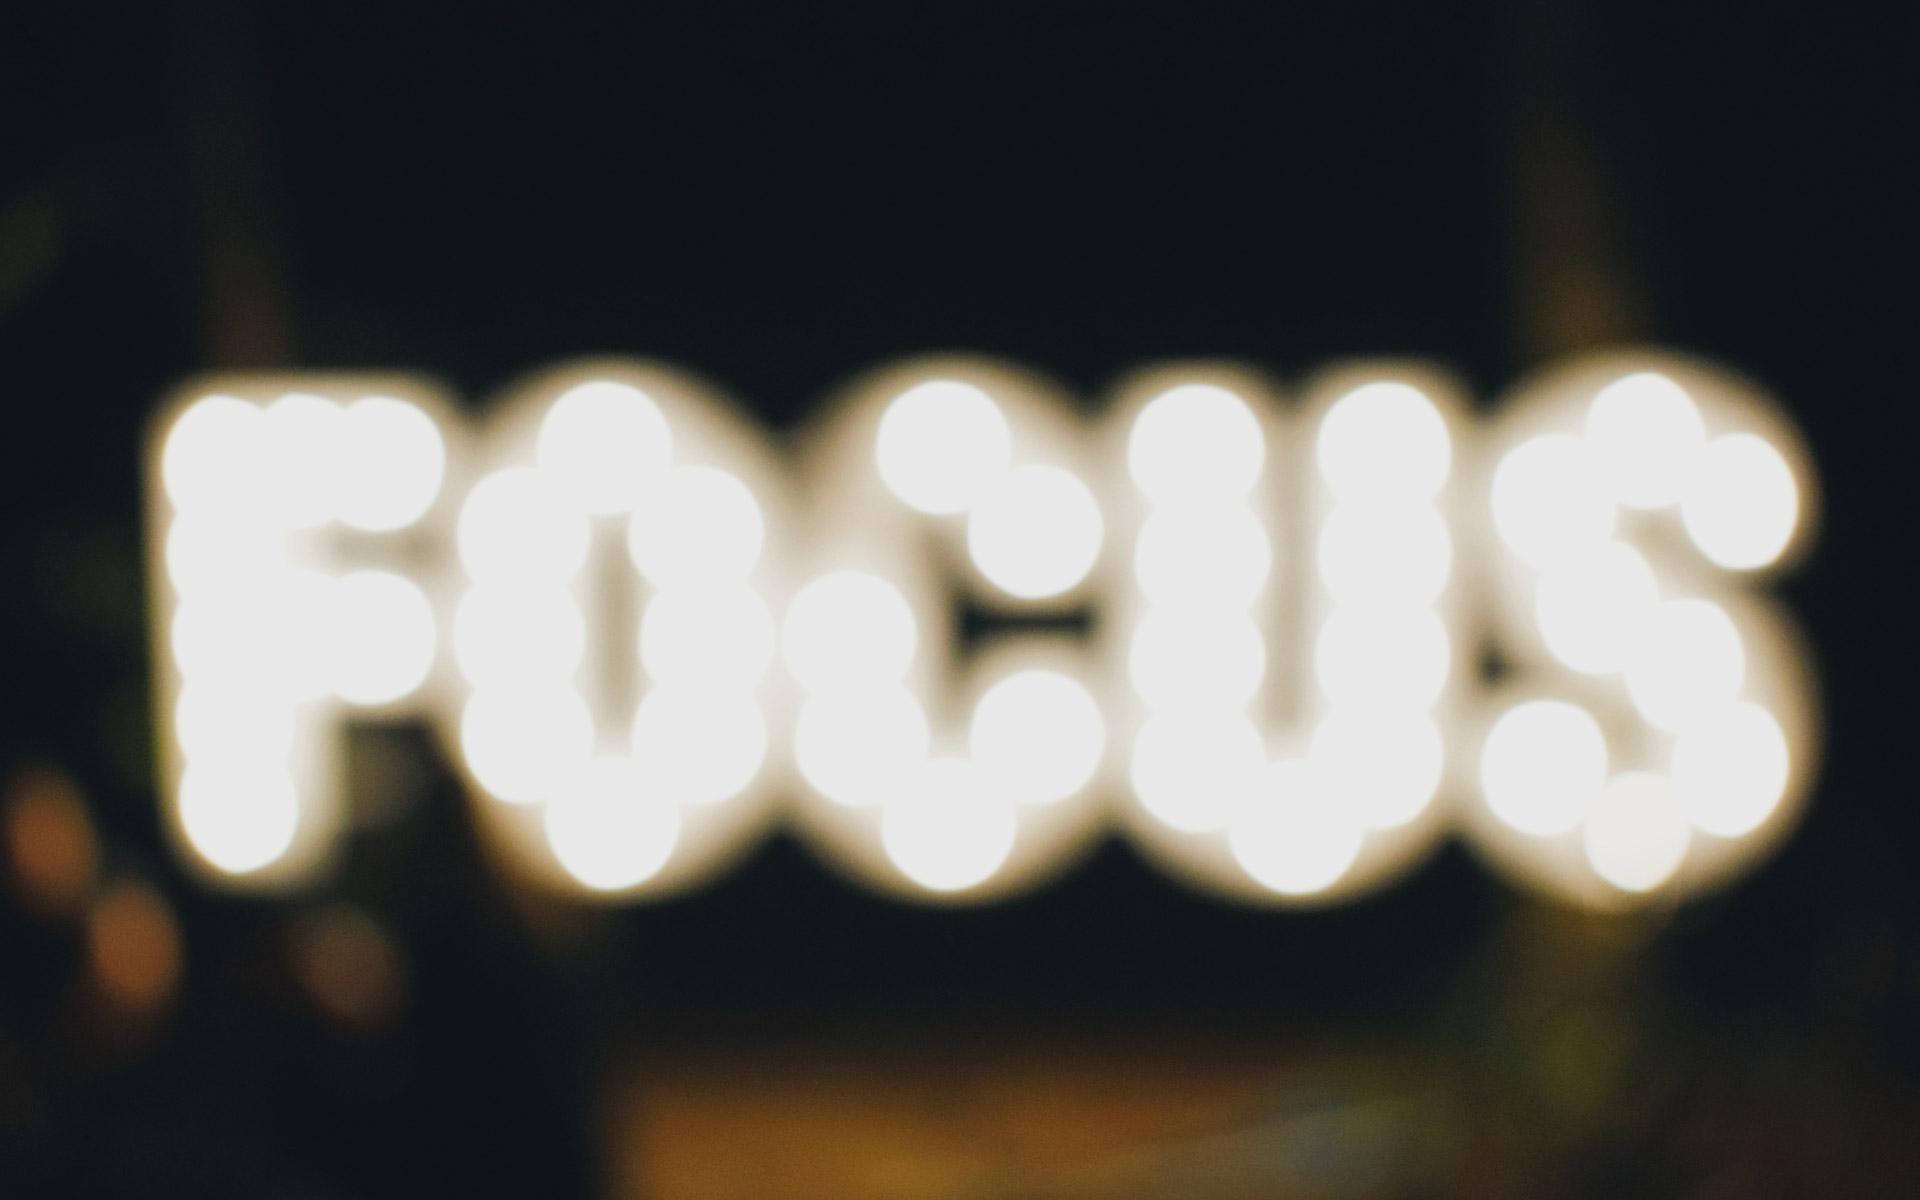 matter of design, start up, gruendung, management, marke, image, corporate image, markenstrategie, strategie, blog, logo, wortmarke, bildmarke, wortbildmarke, marke, markensteuerung, markenführung, marketing, menschen, wissen